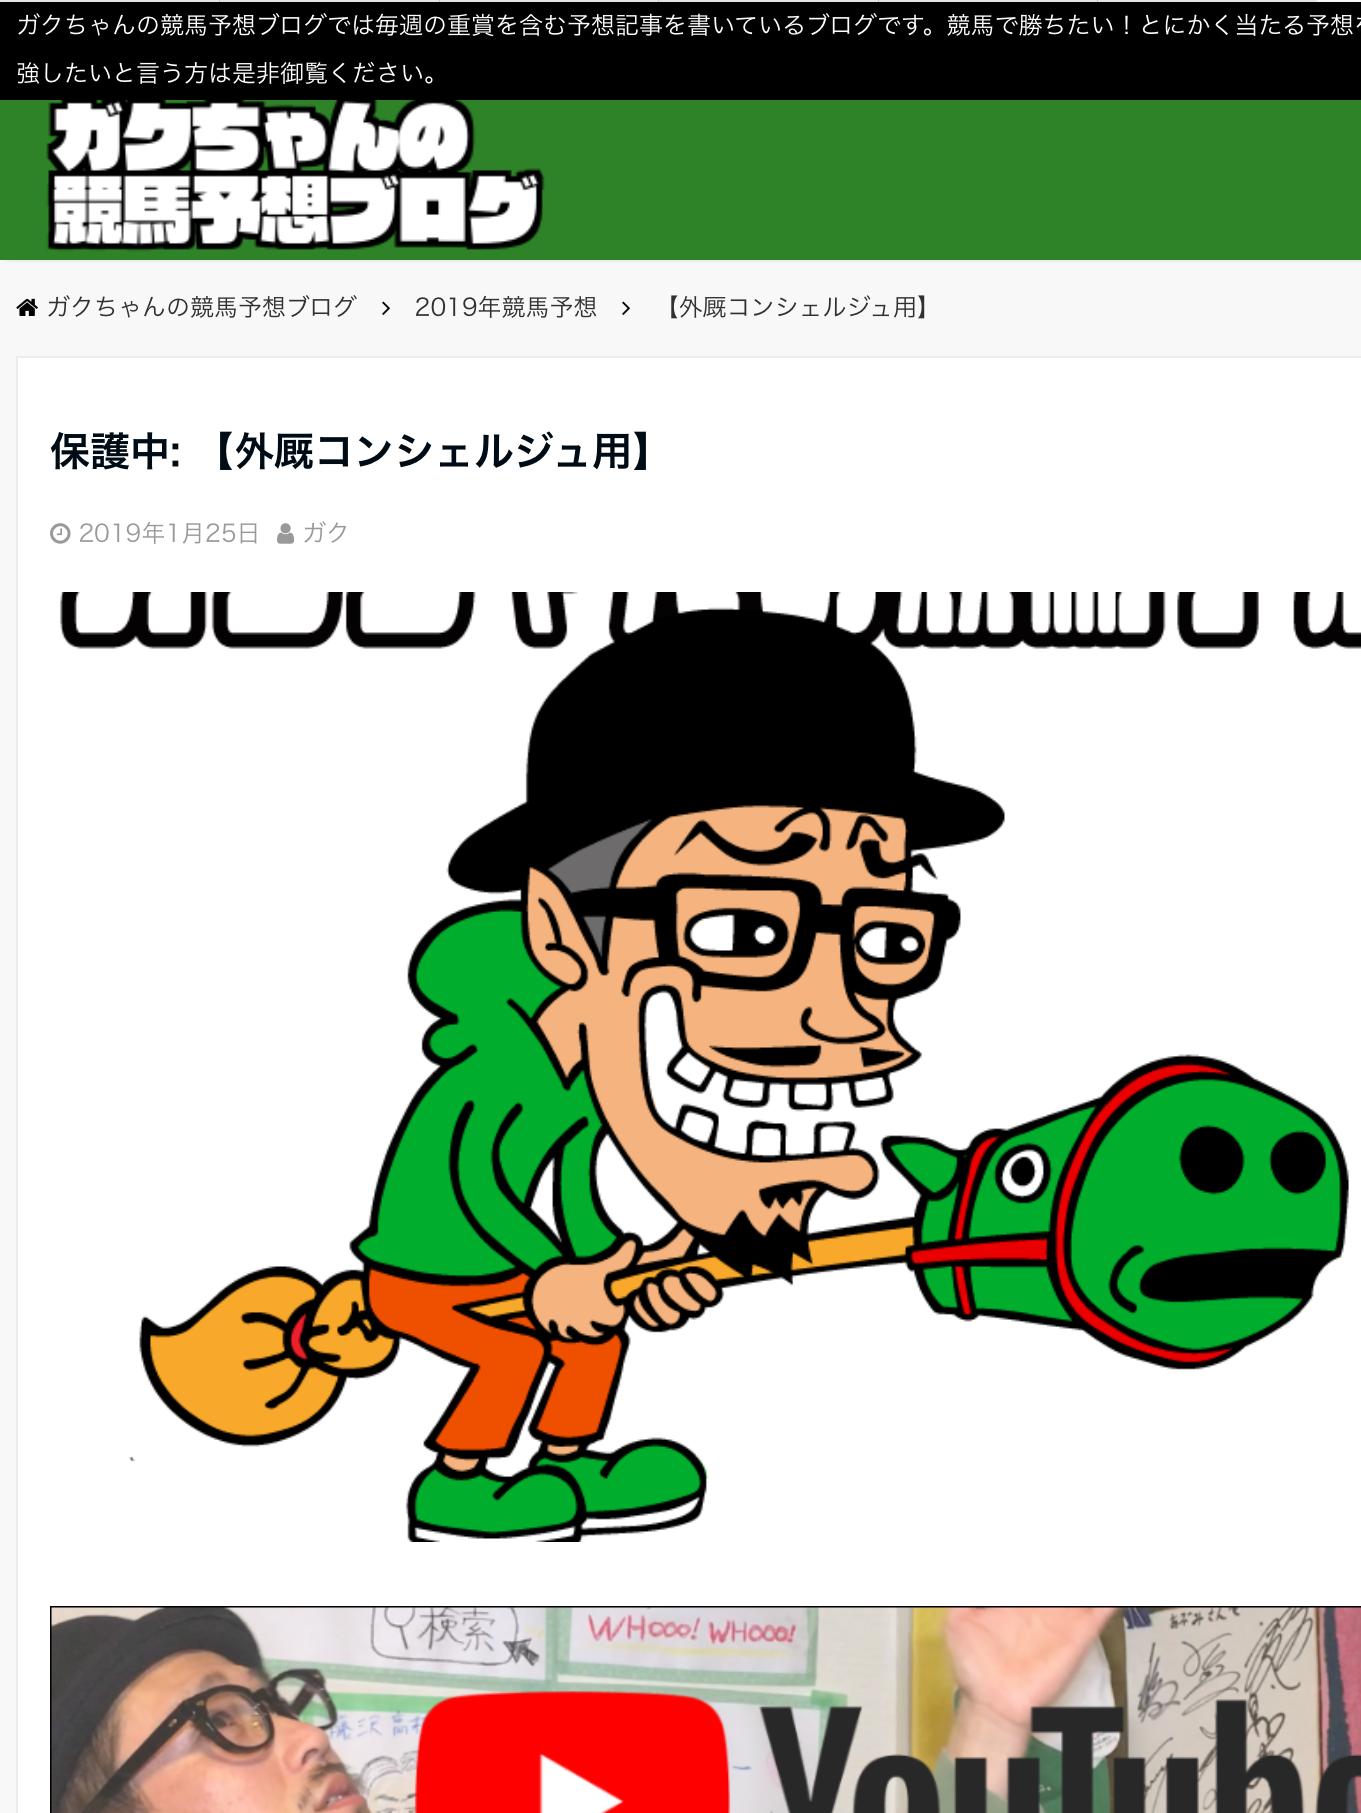 ガクちゃんの競馬予想ブログの口コミ・評判・評価